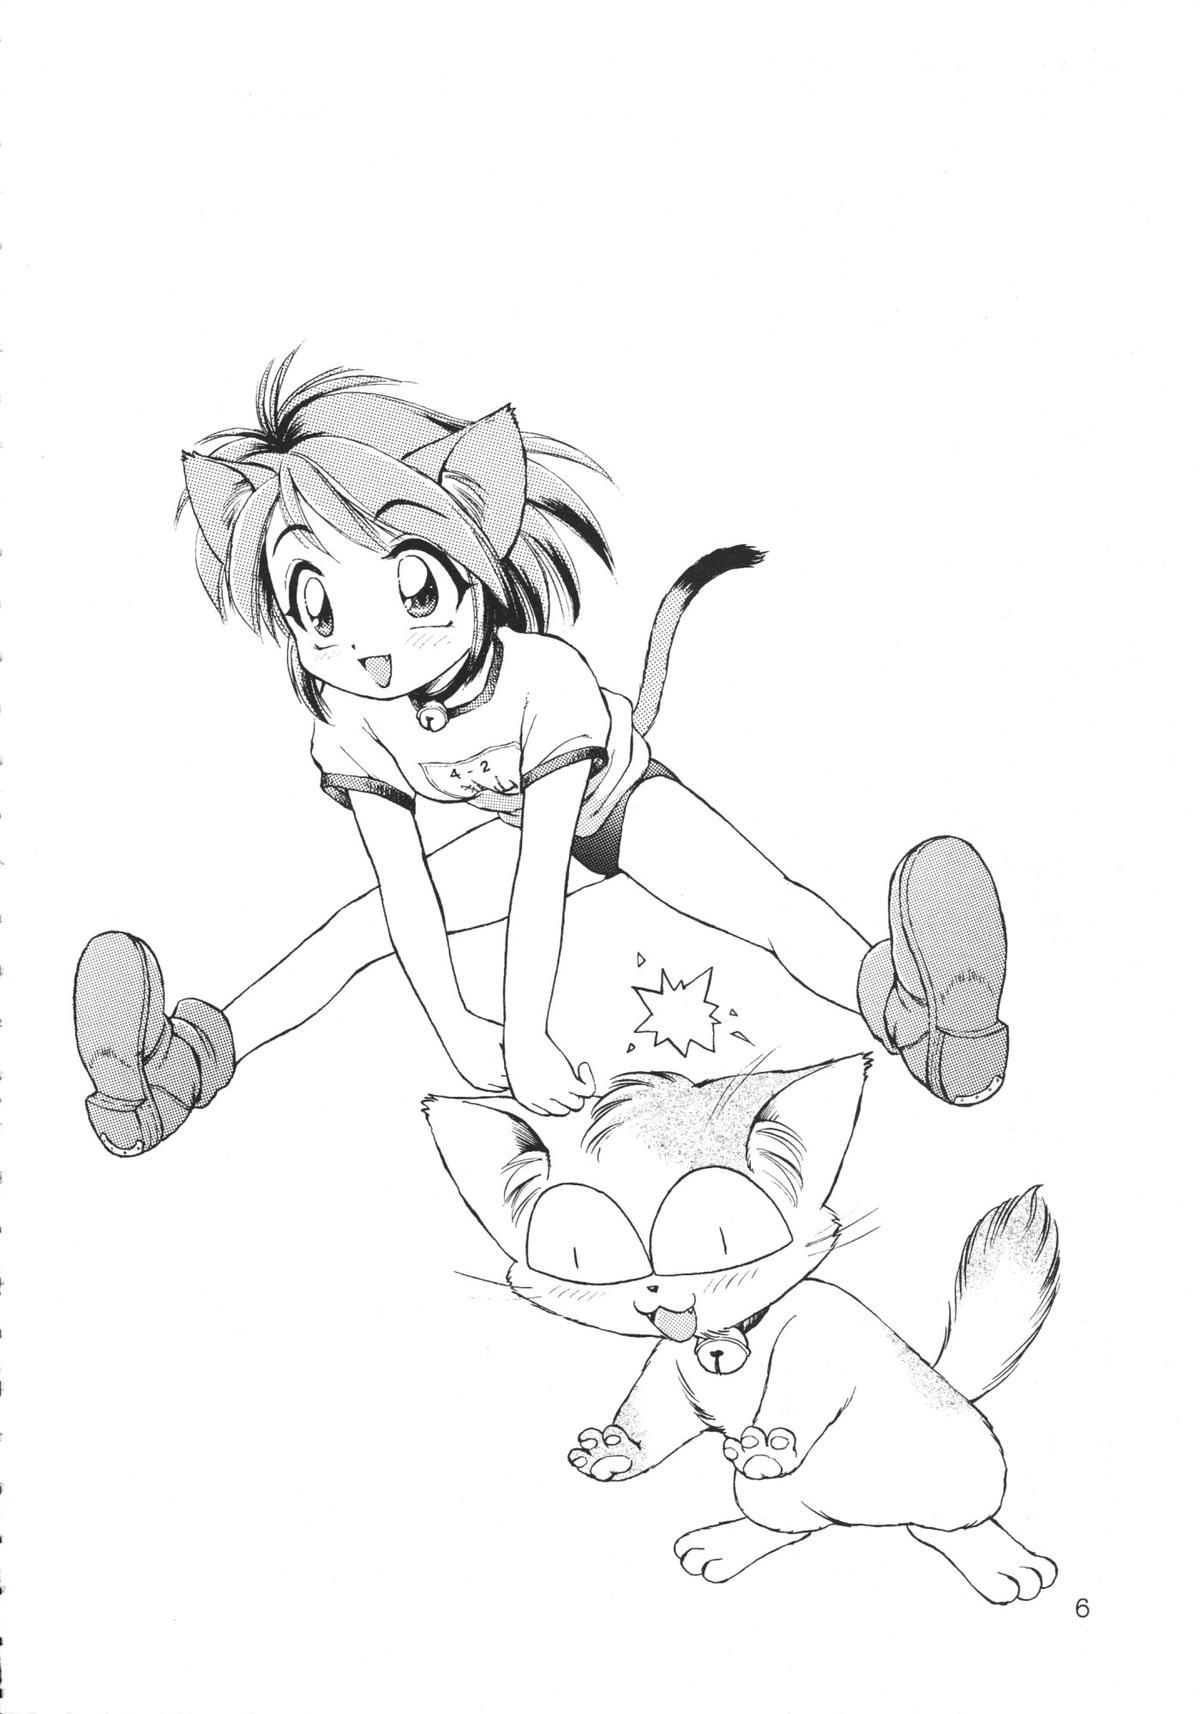 Uwasa no Neko Shuukai 4